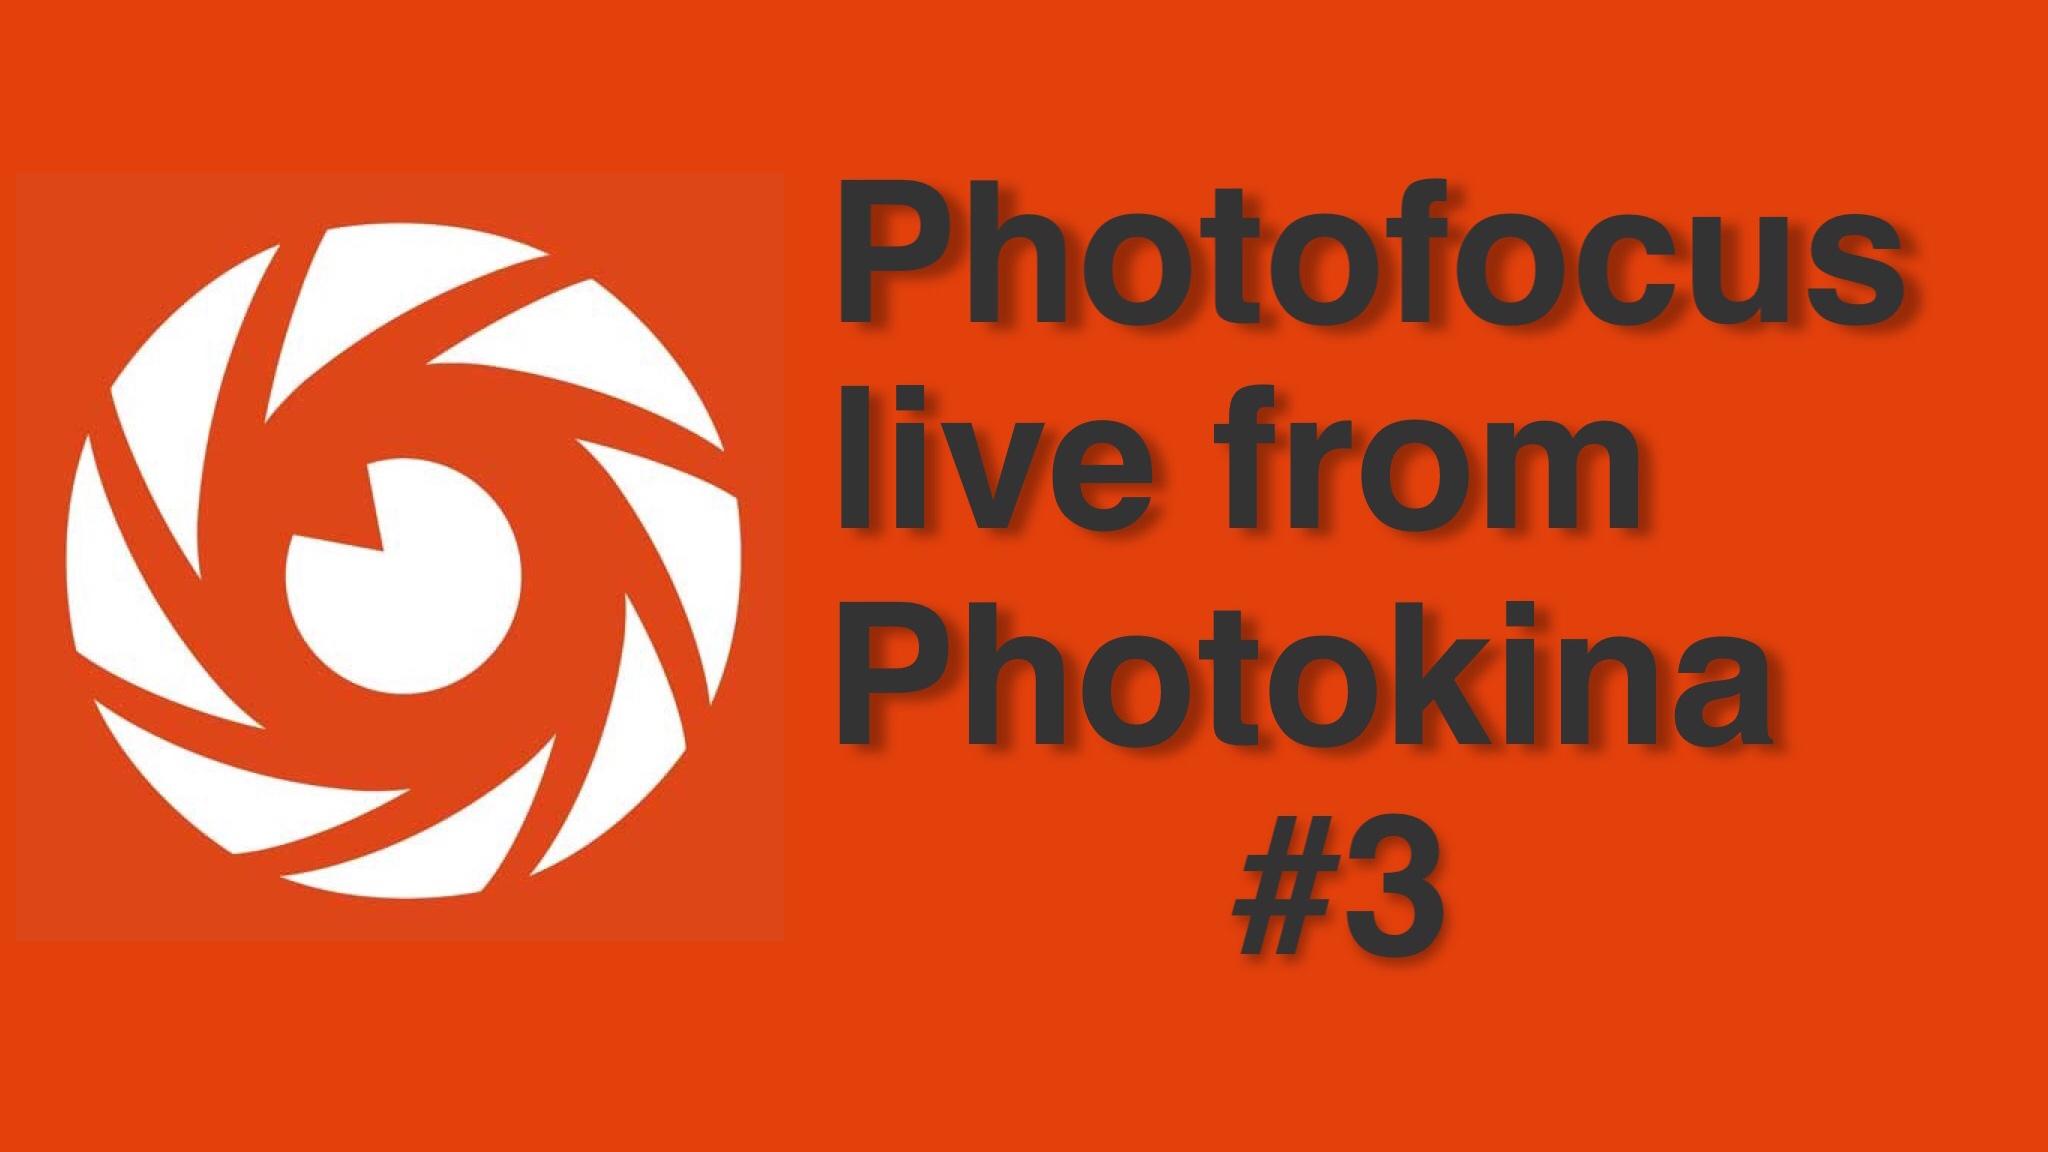 Live from Photokina 2016 - #3